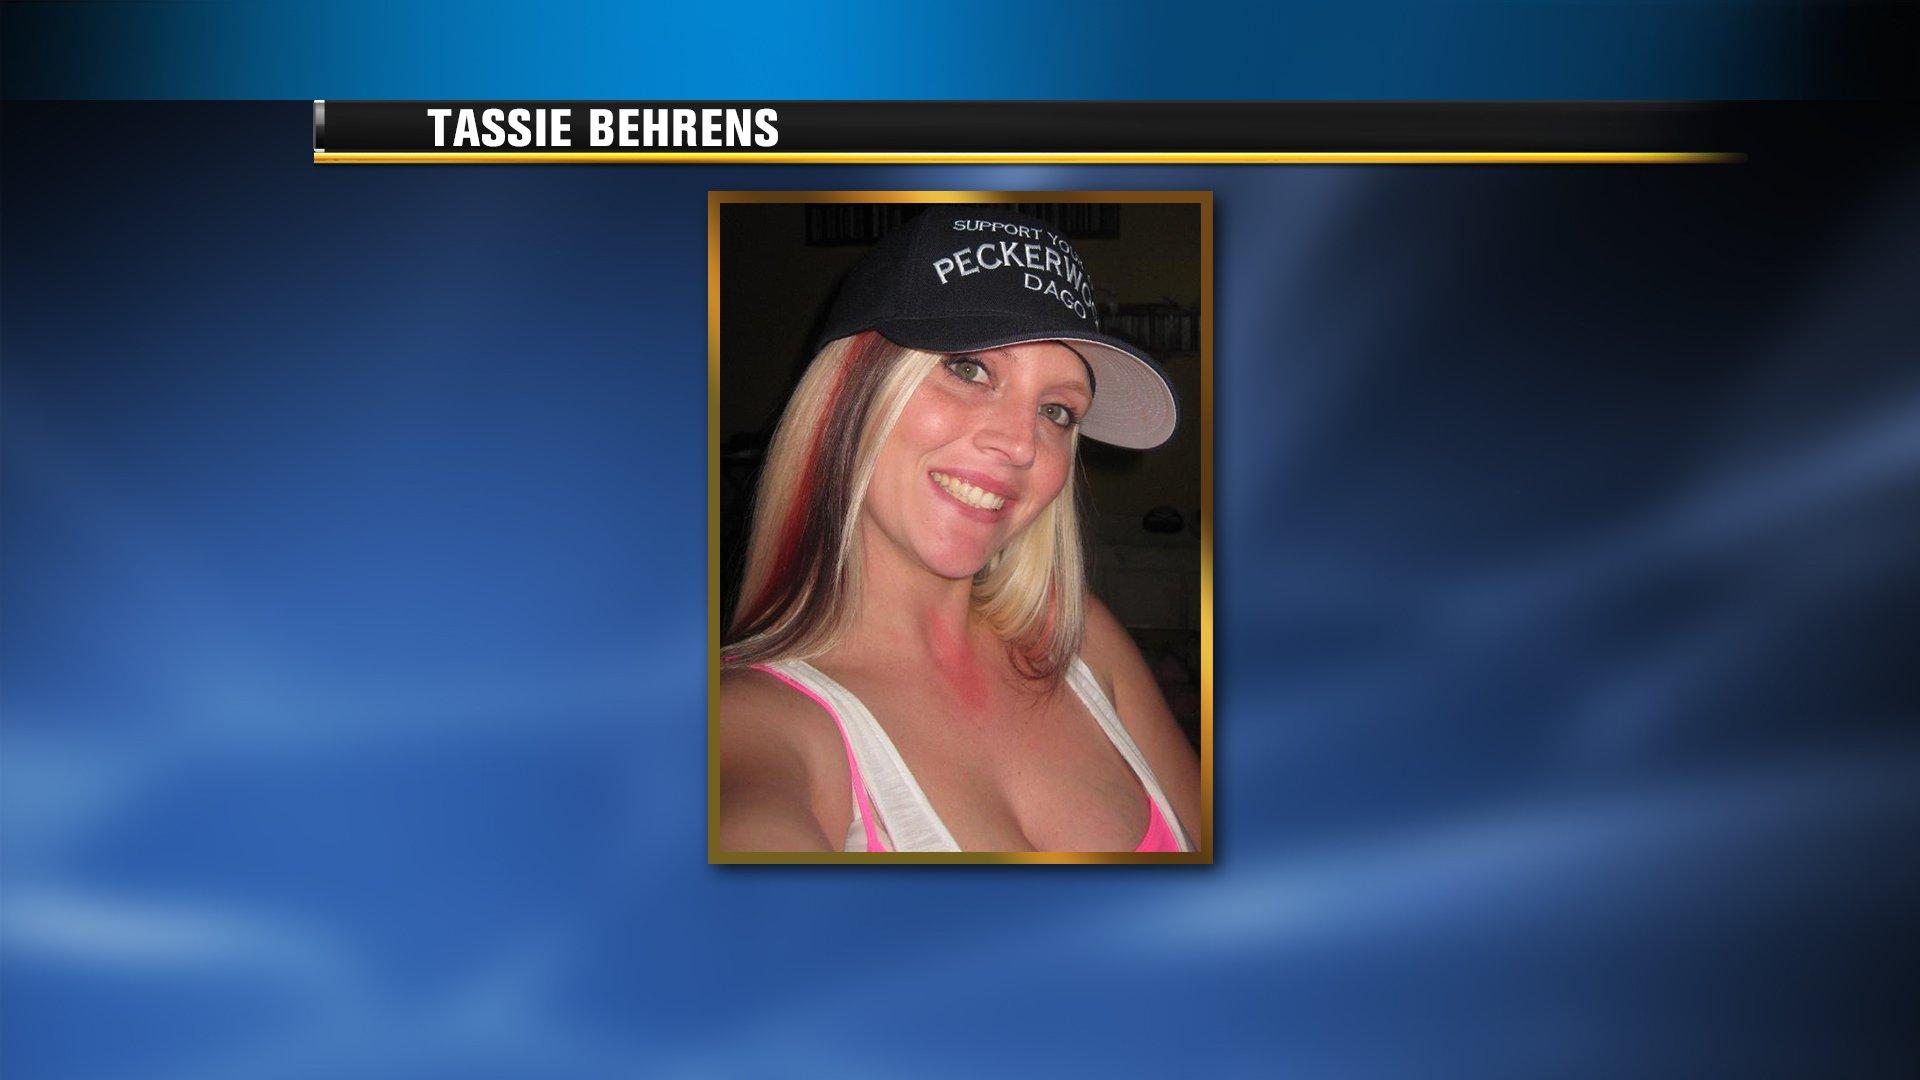 Tassie Behrens, Courtesy: Facebook